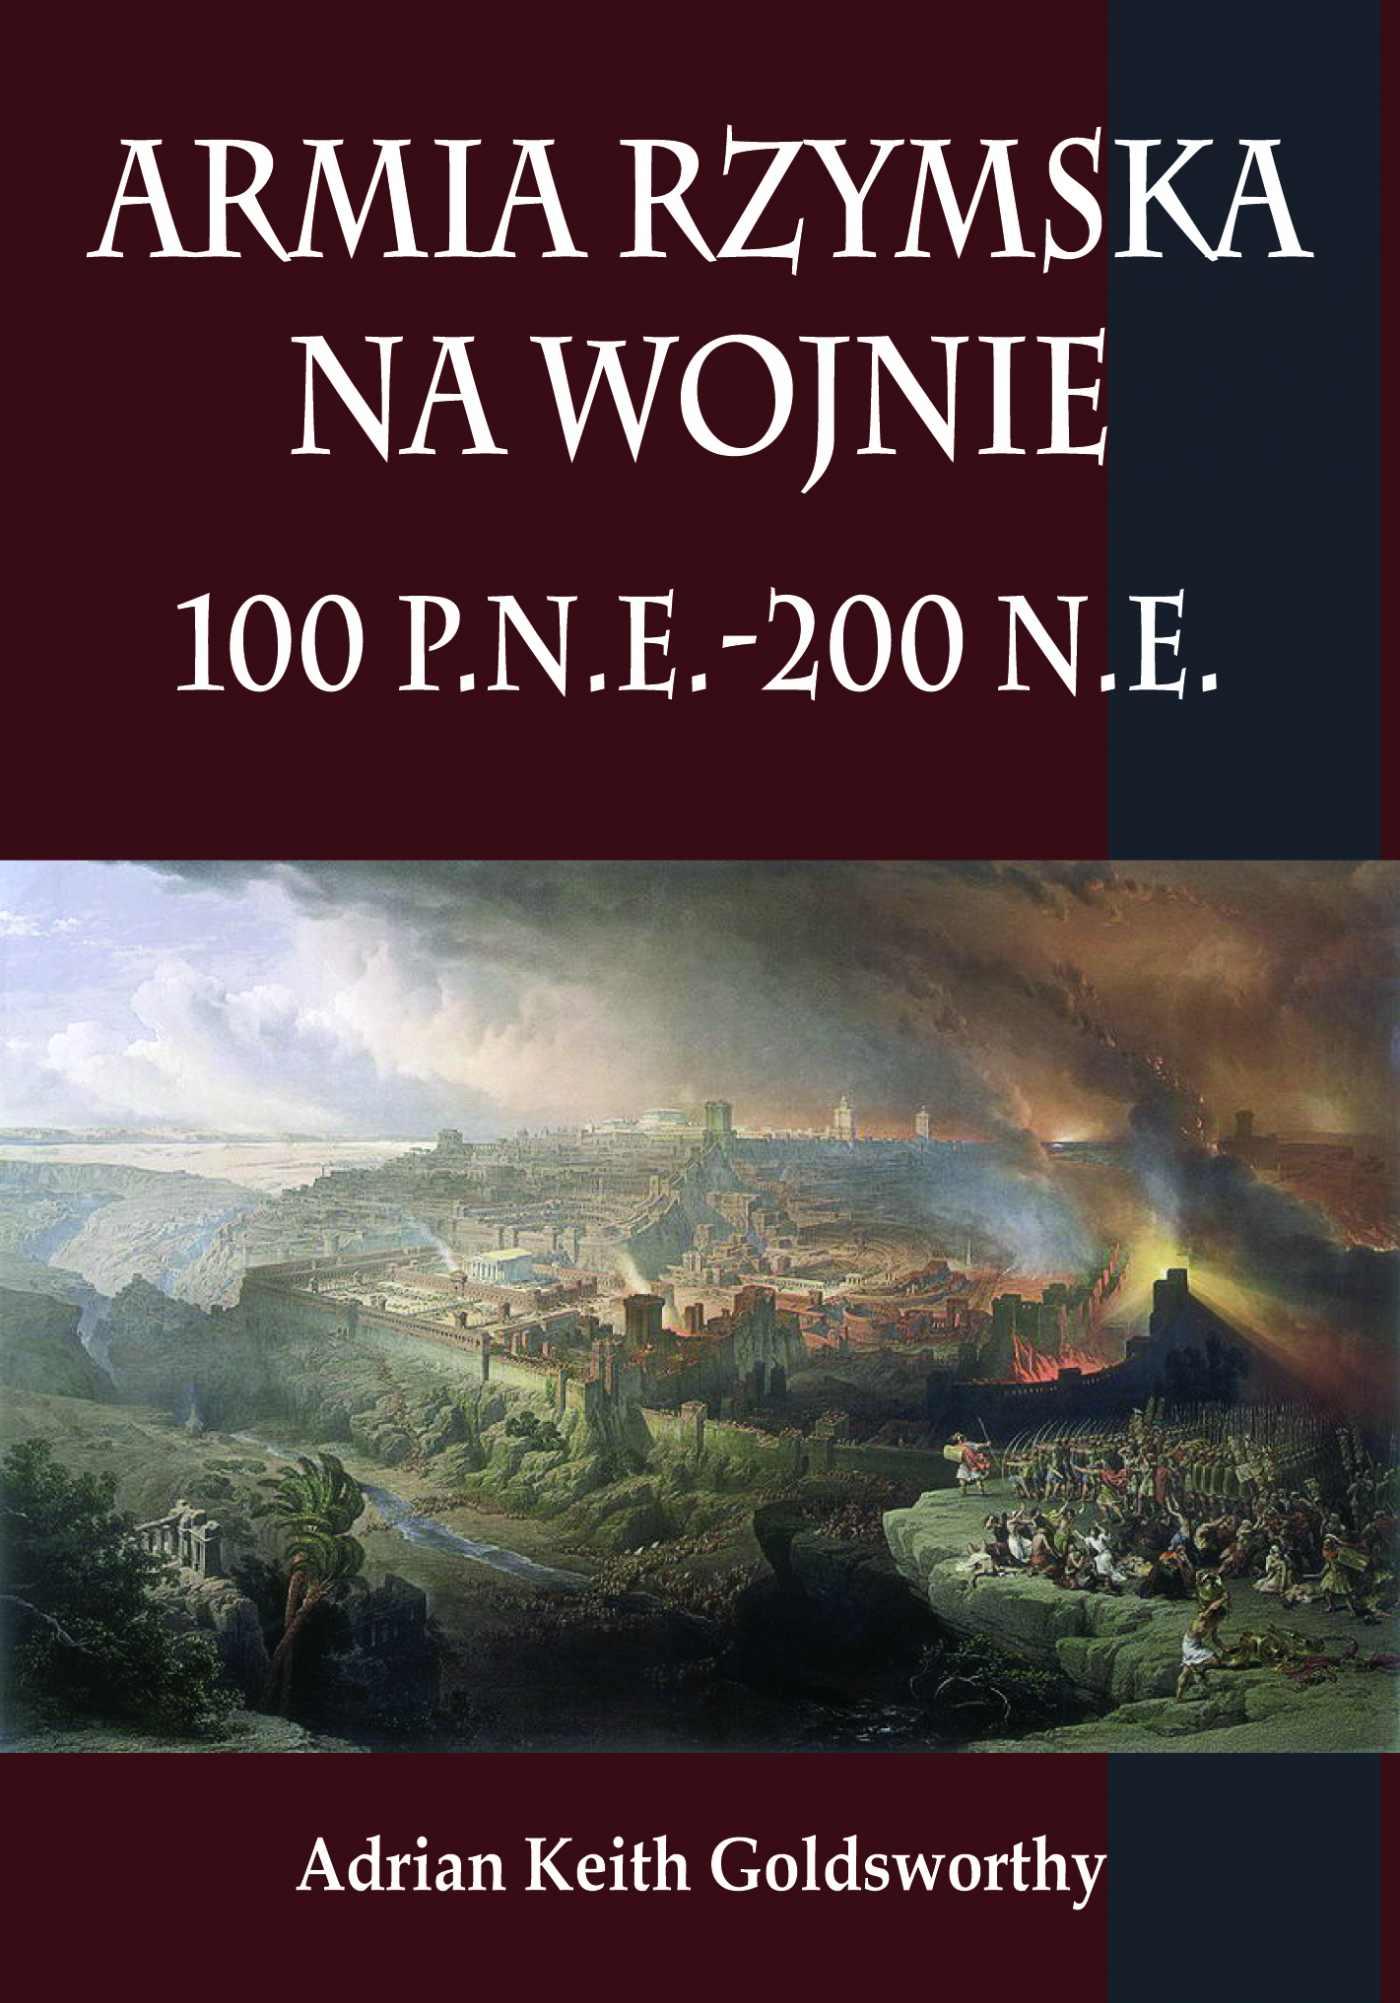 Armia rzymska na wojnie 100 p.n.e.-200 n.e - Ebook (Książka EPUB) do pobrania w formacie EPUB